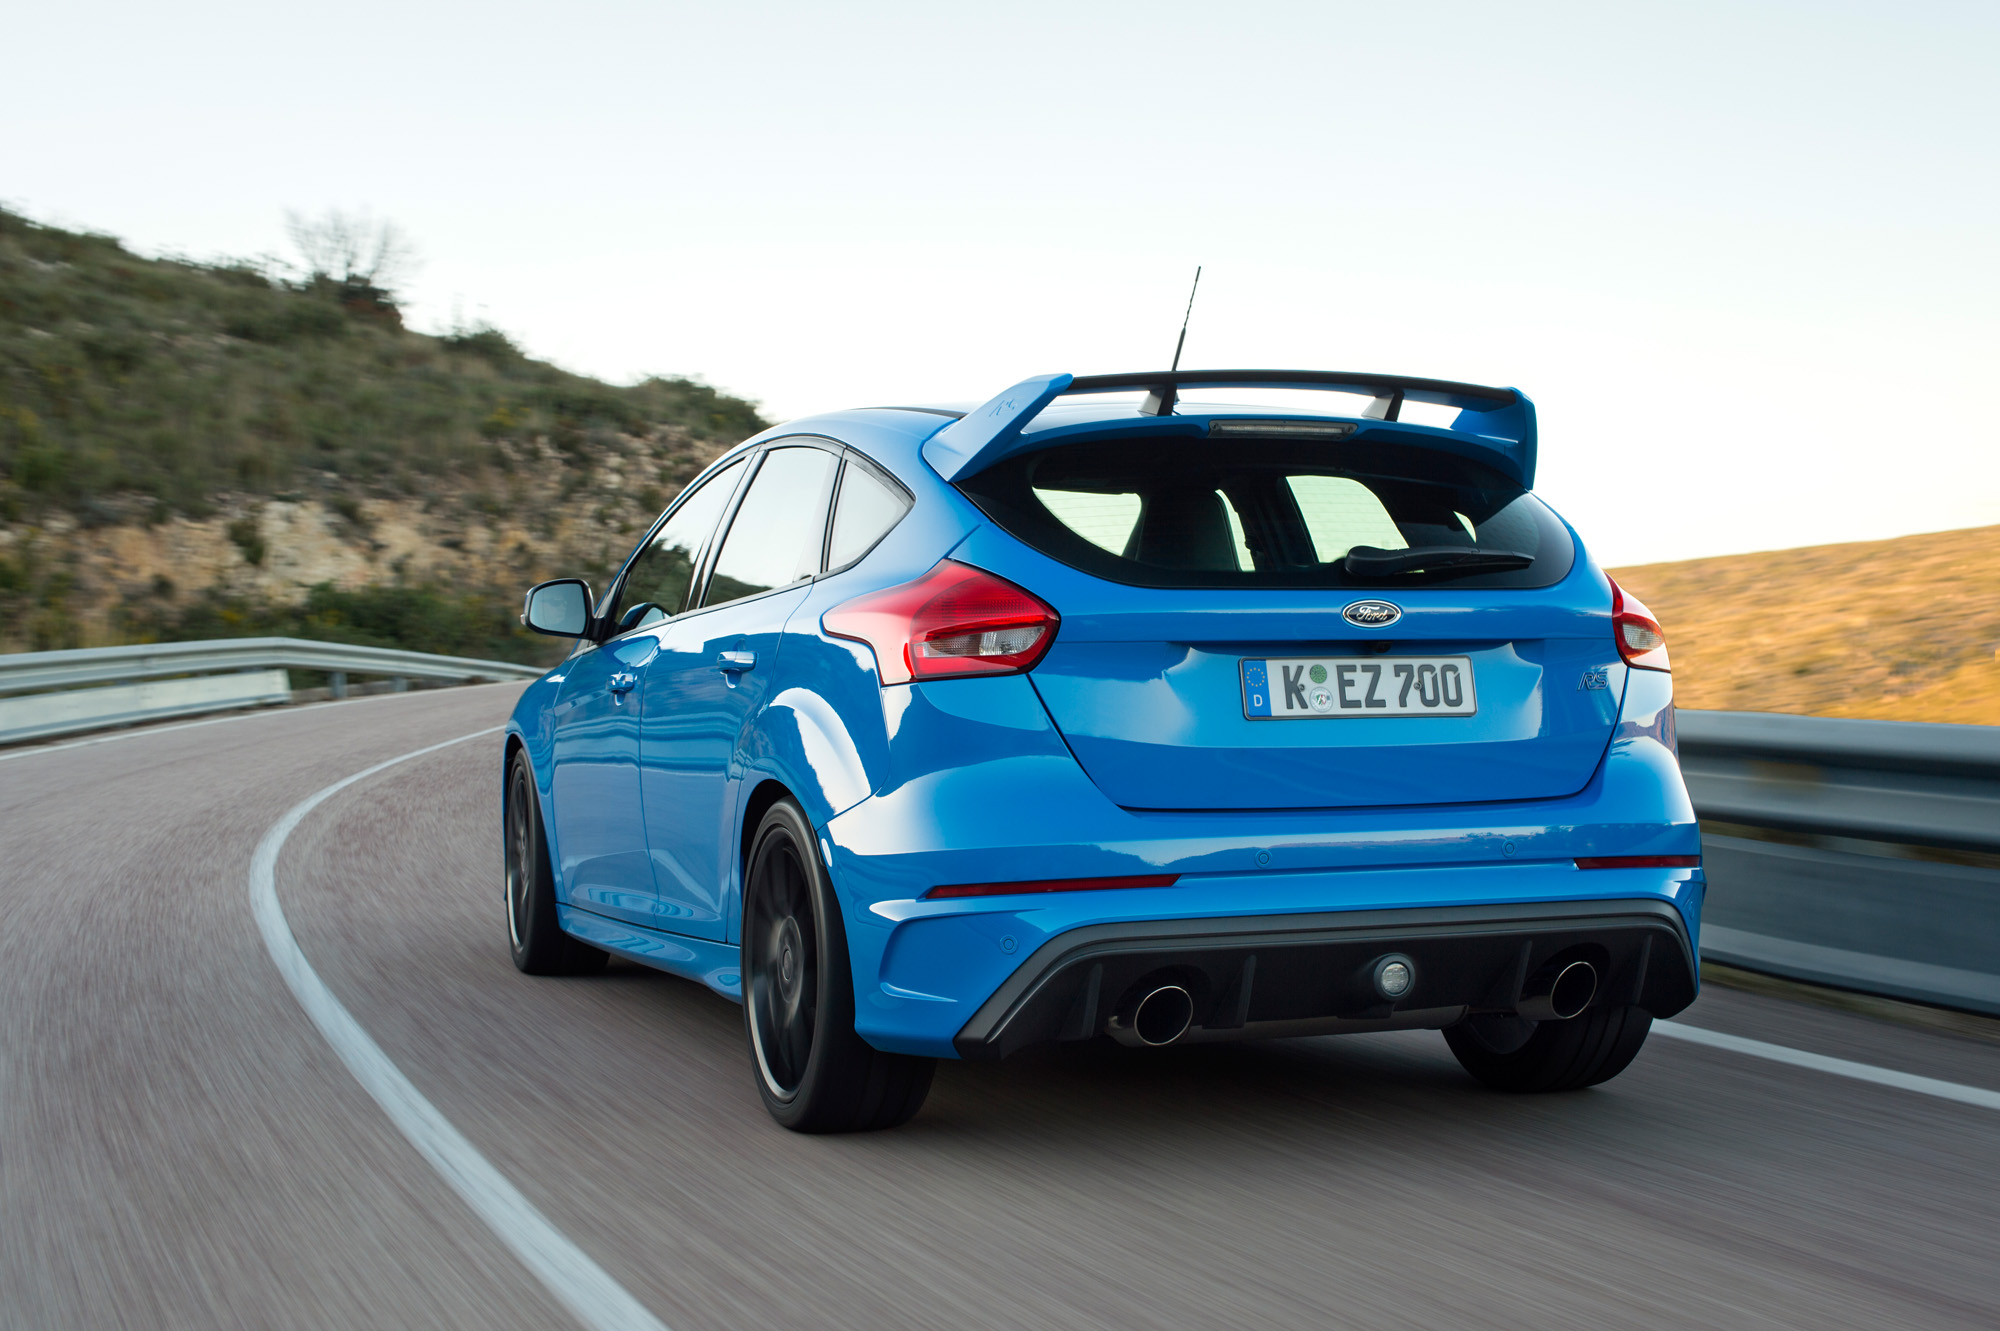 Besonders schön, wenn man ihn von hinten sieht: Der Ford Focus Mk3 RS.